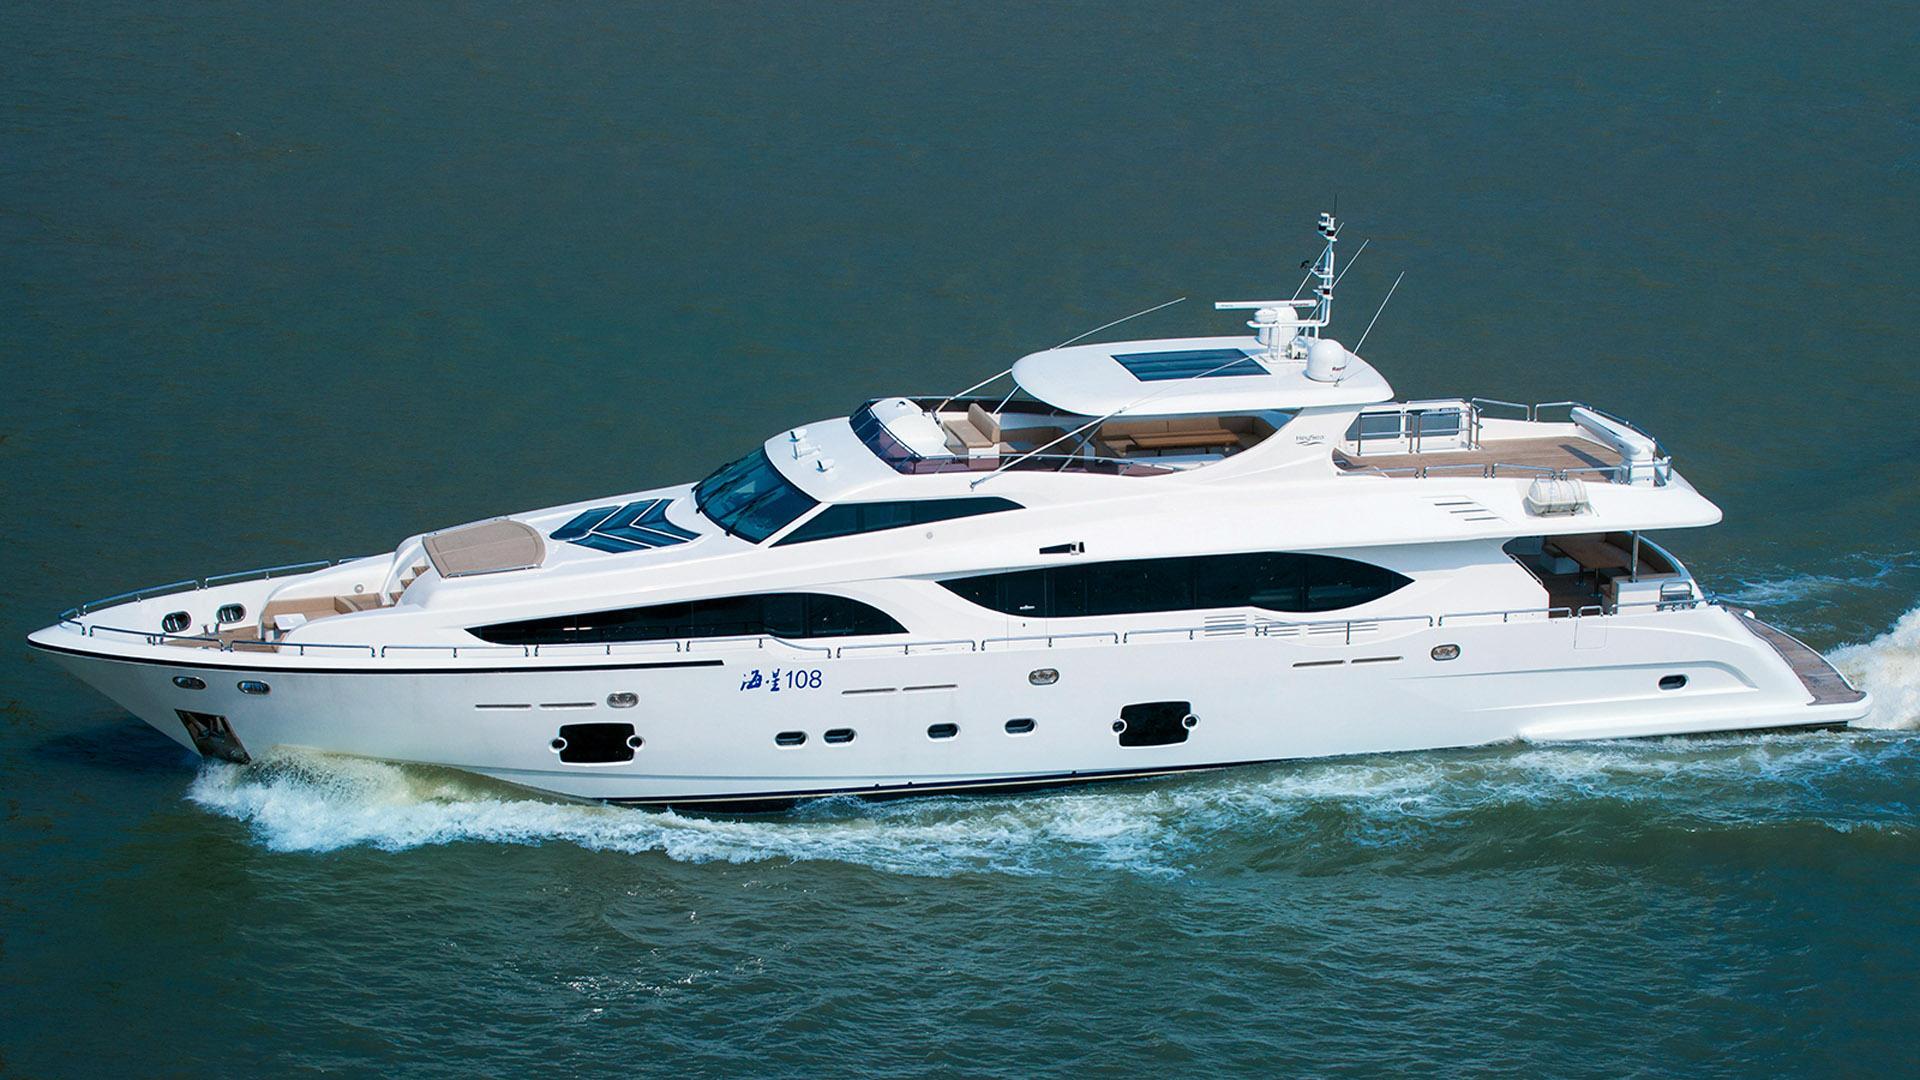 xinyi 868 motoryacht heysea 2015 33m profile sistership